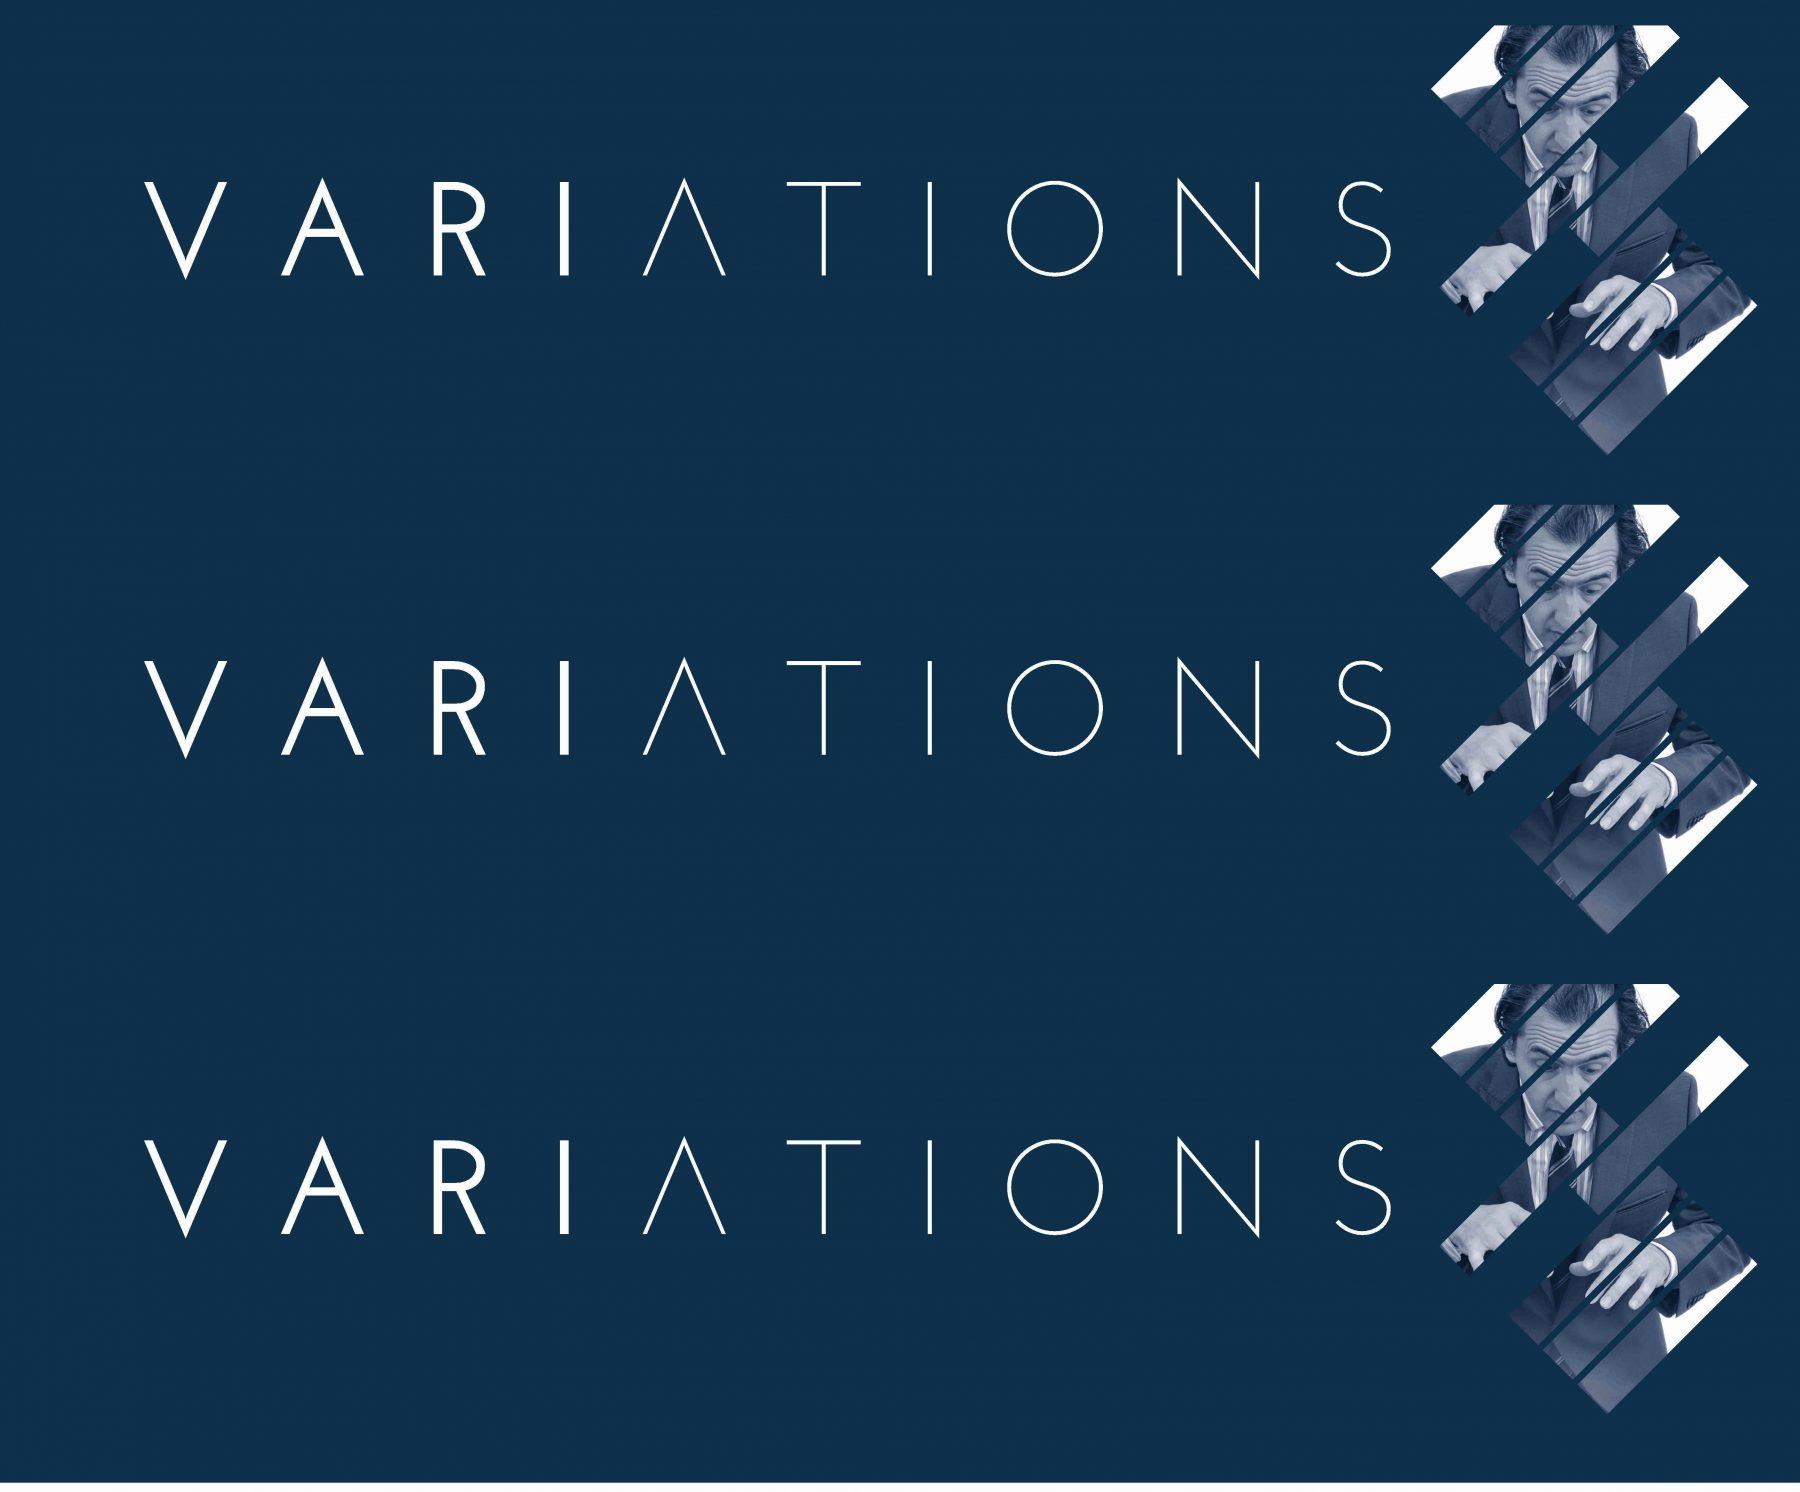 VARIATIONS Video